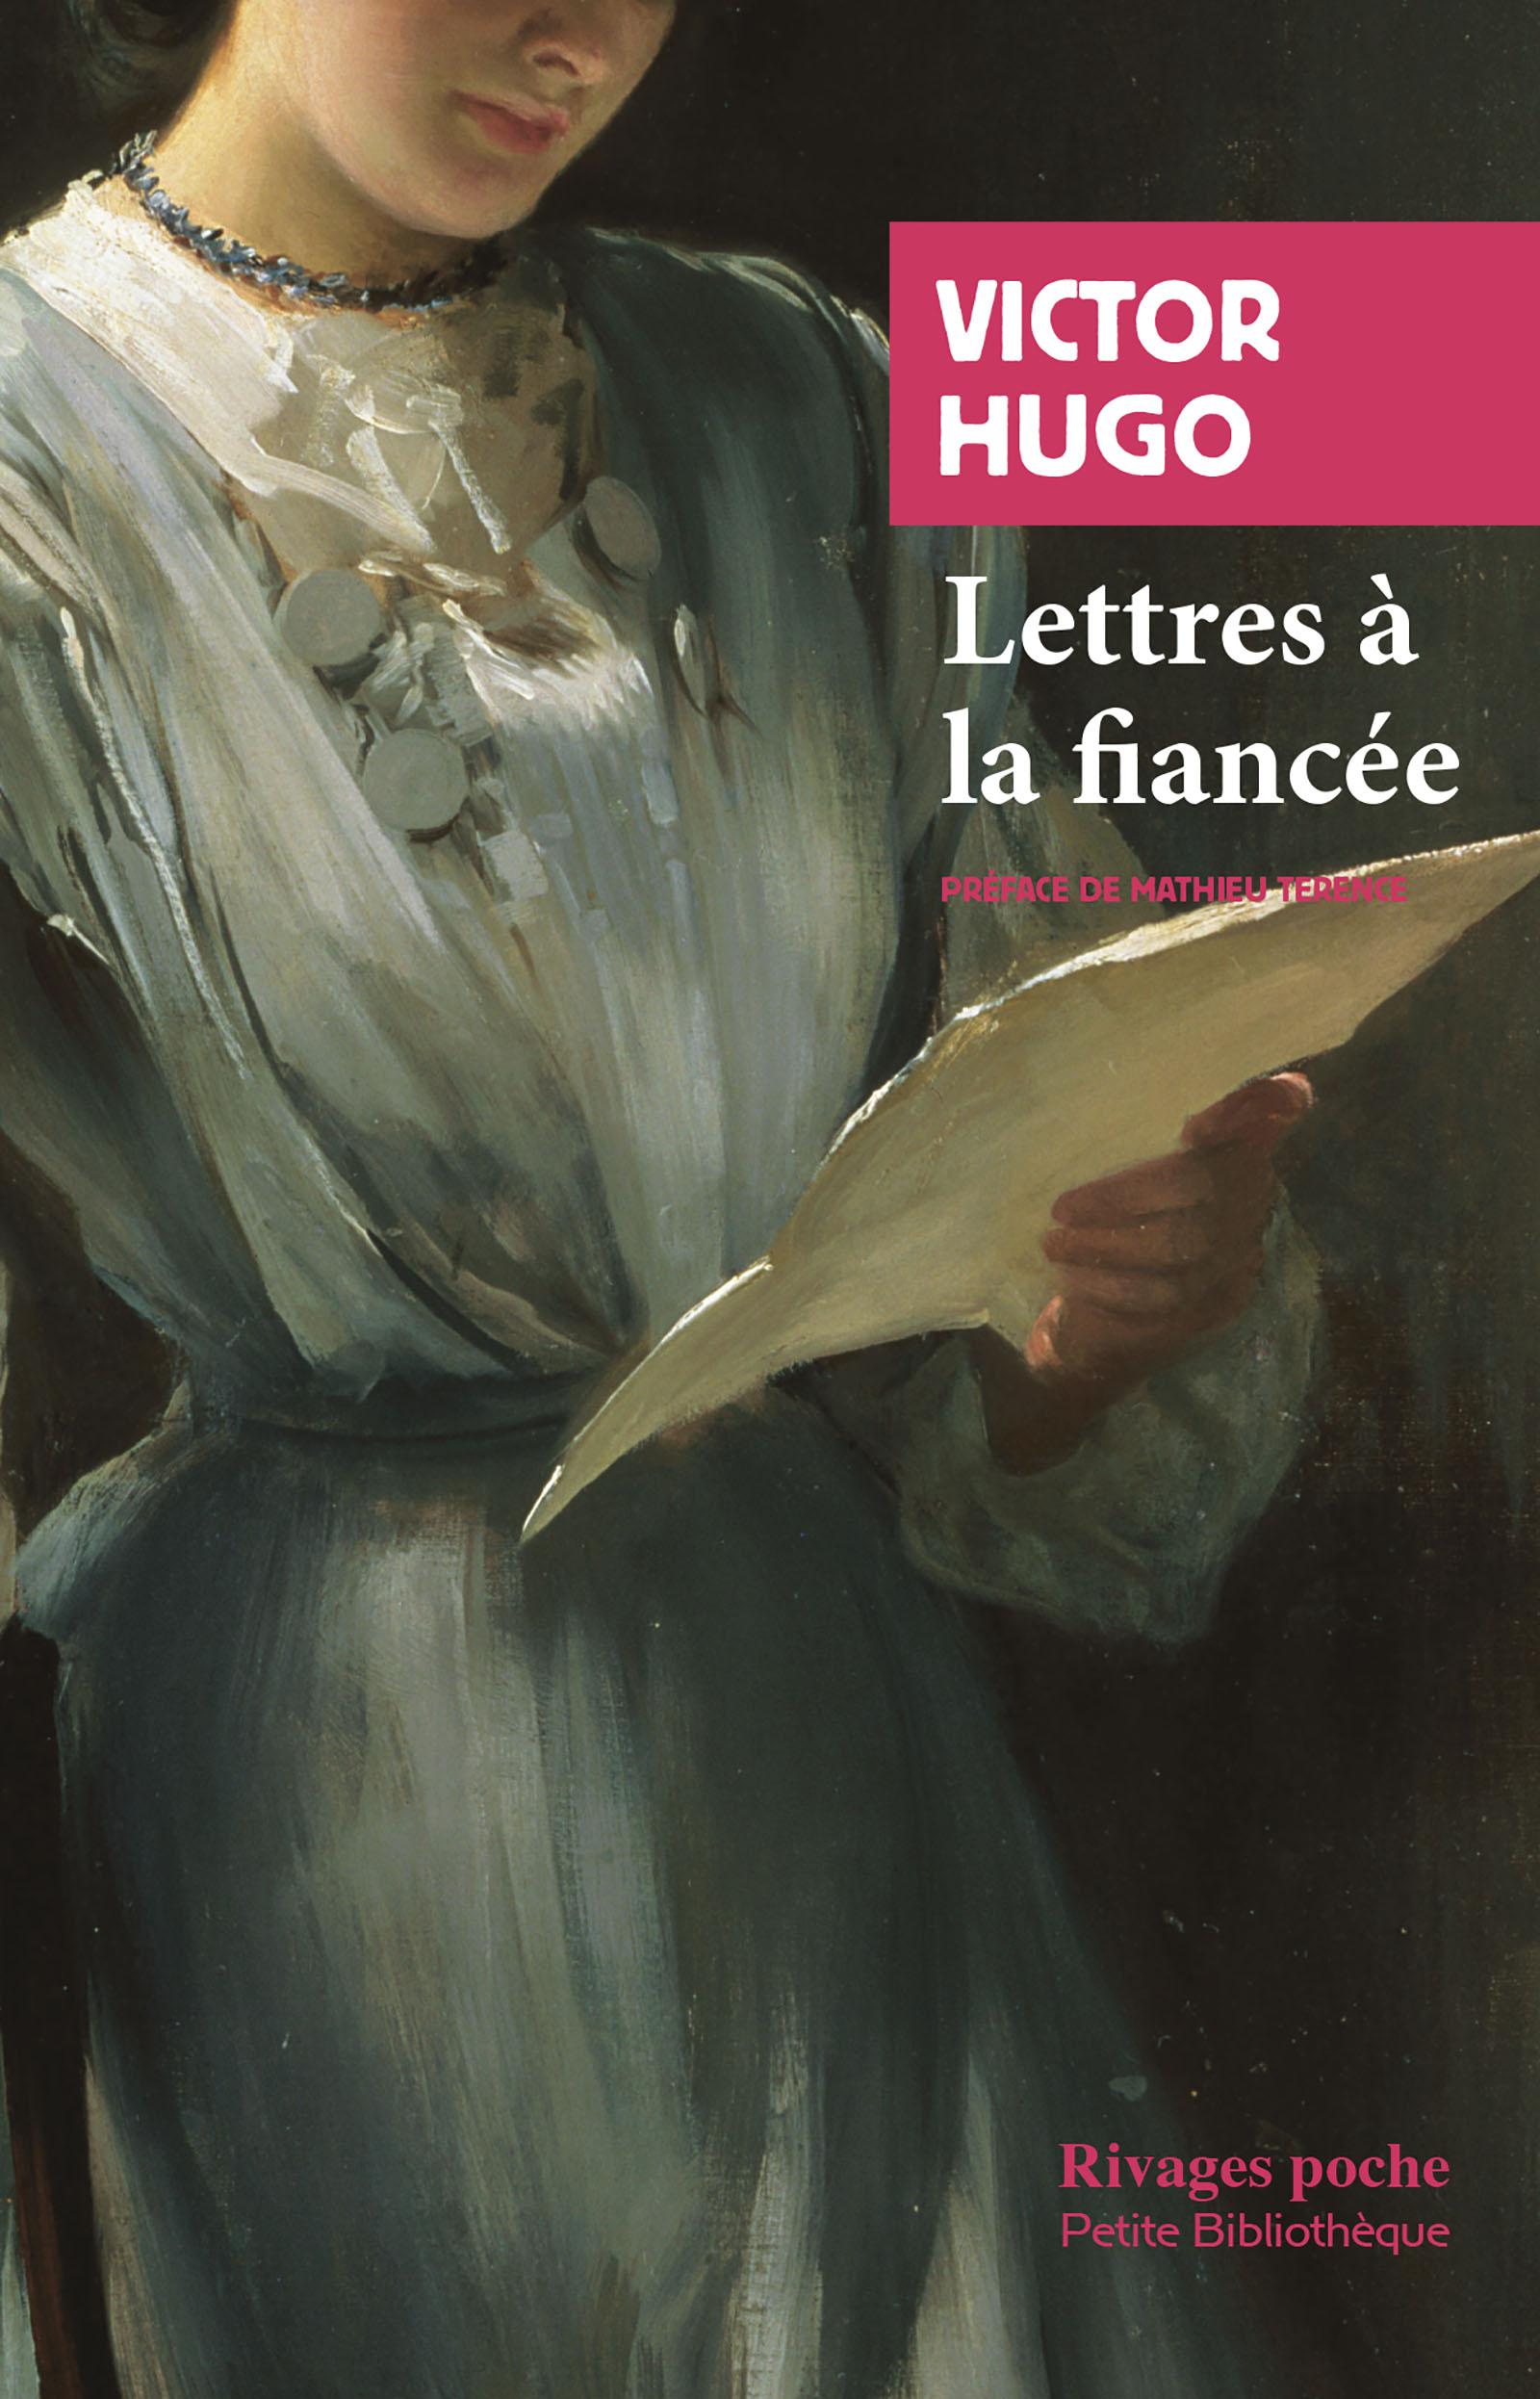 Lettres à la fiancée